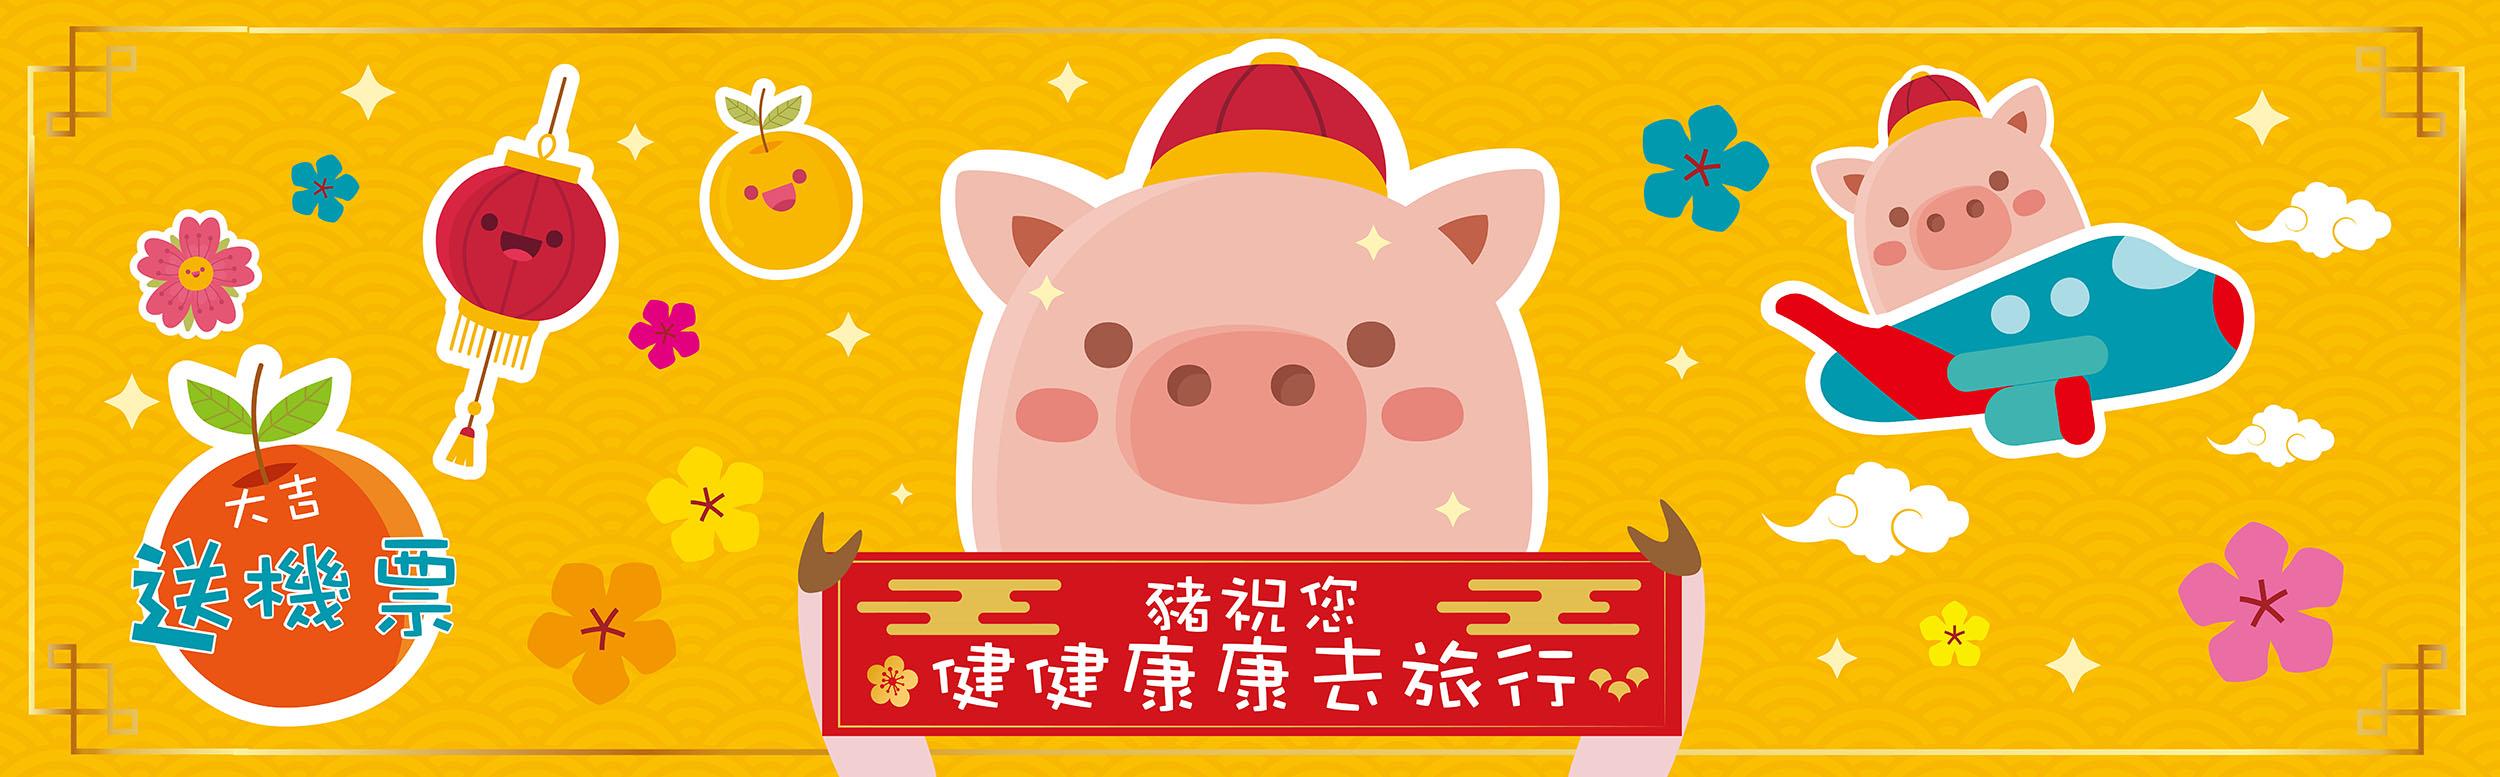 豬祝您健健康康去旅行